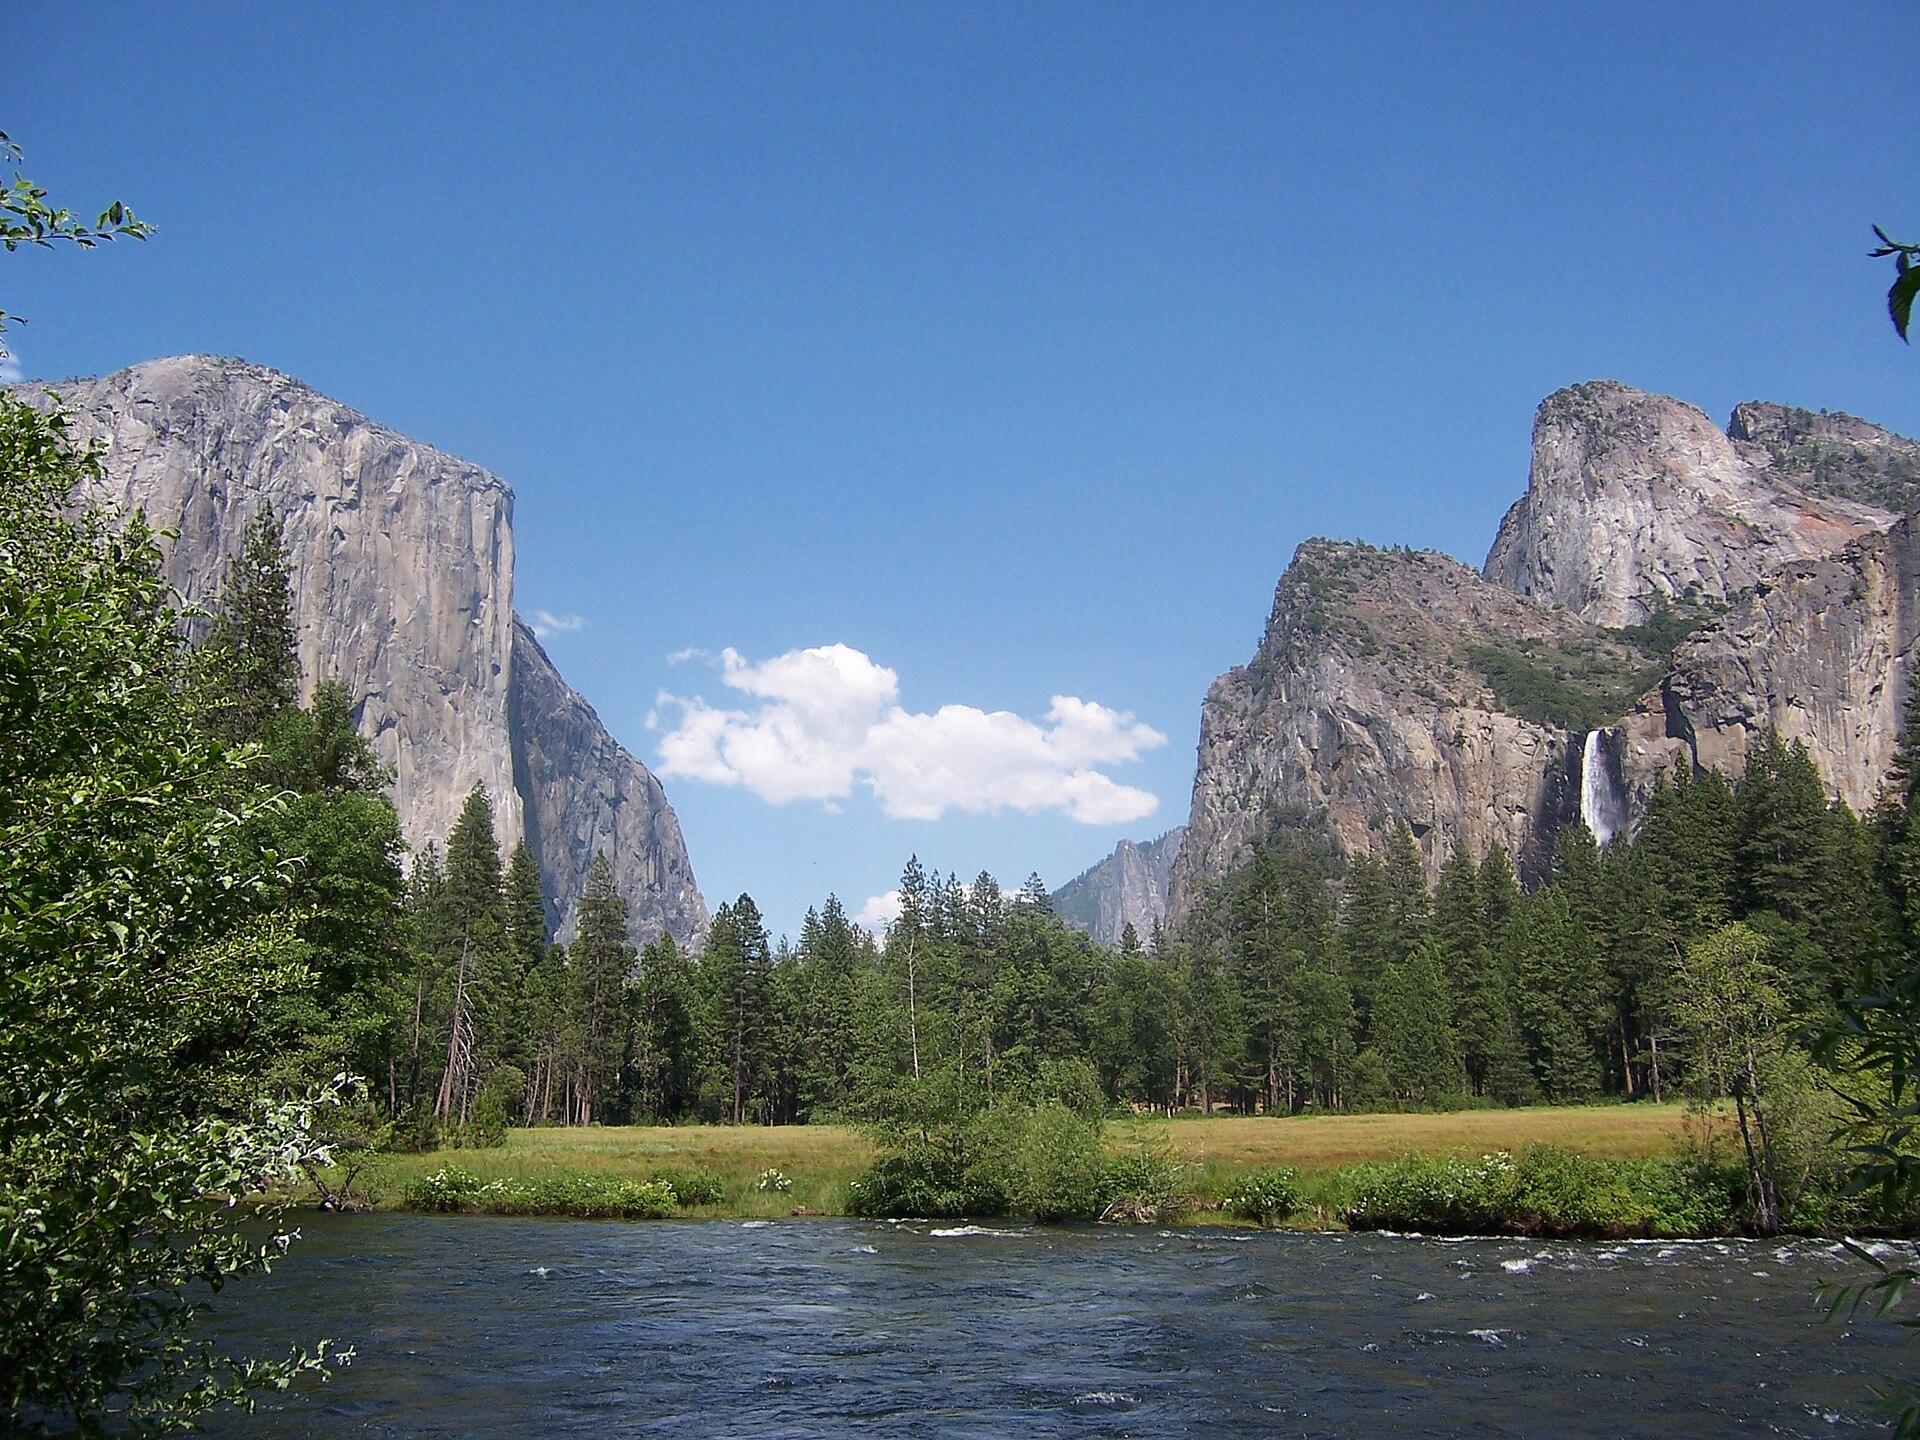 parco nazionale di yosemite wikipedia